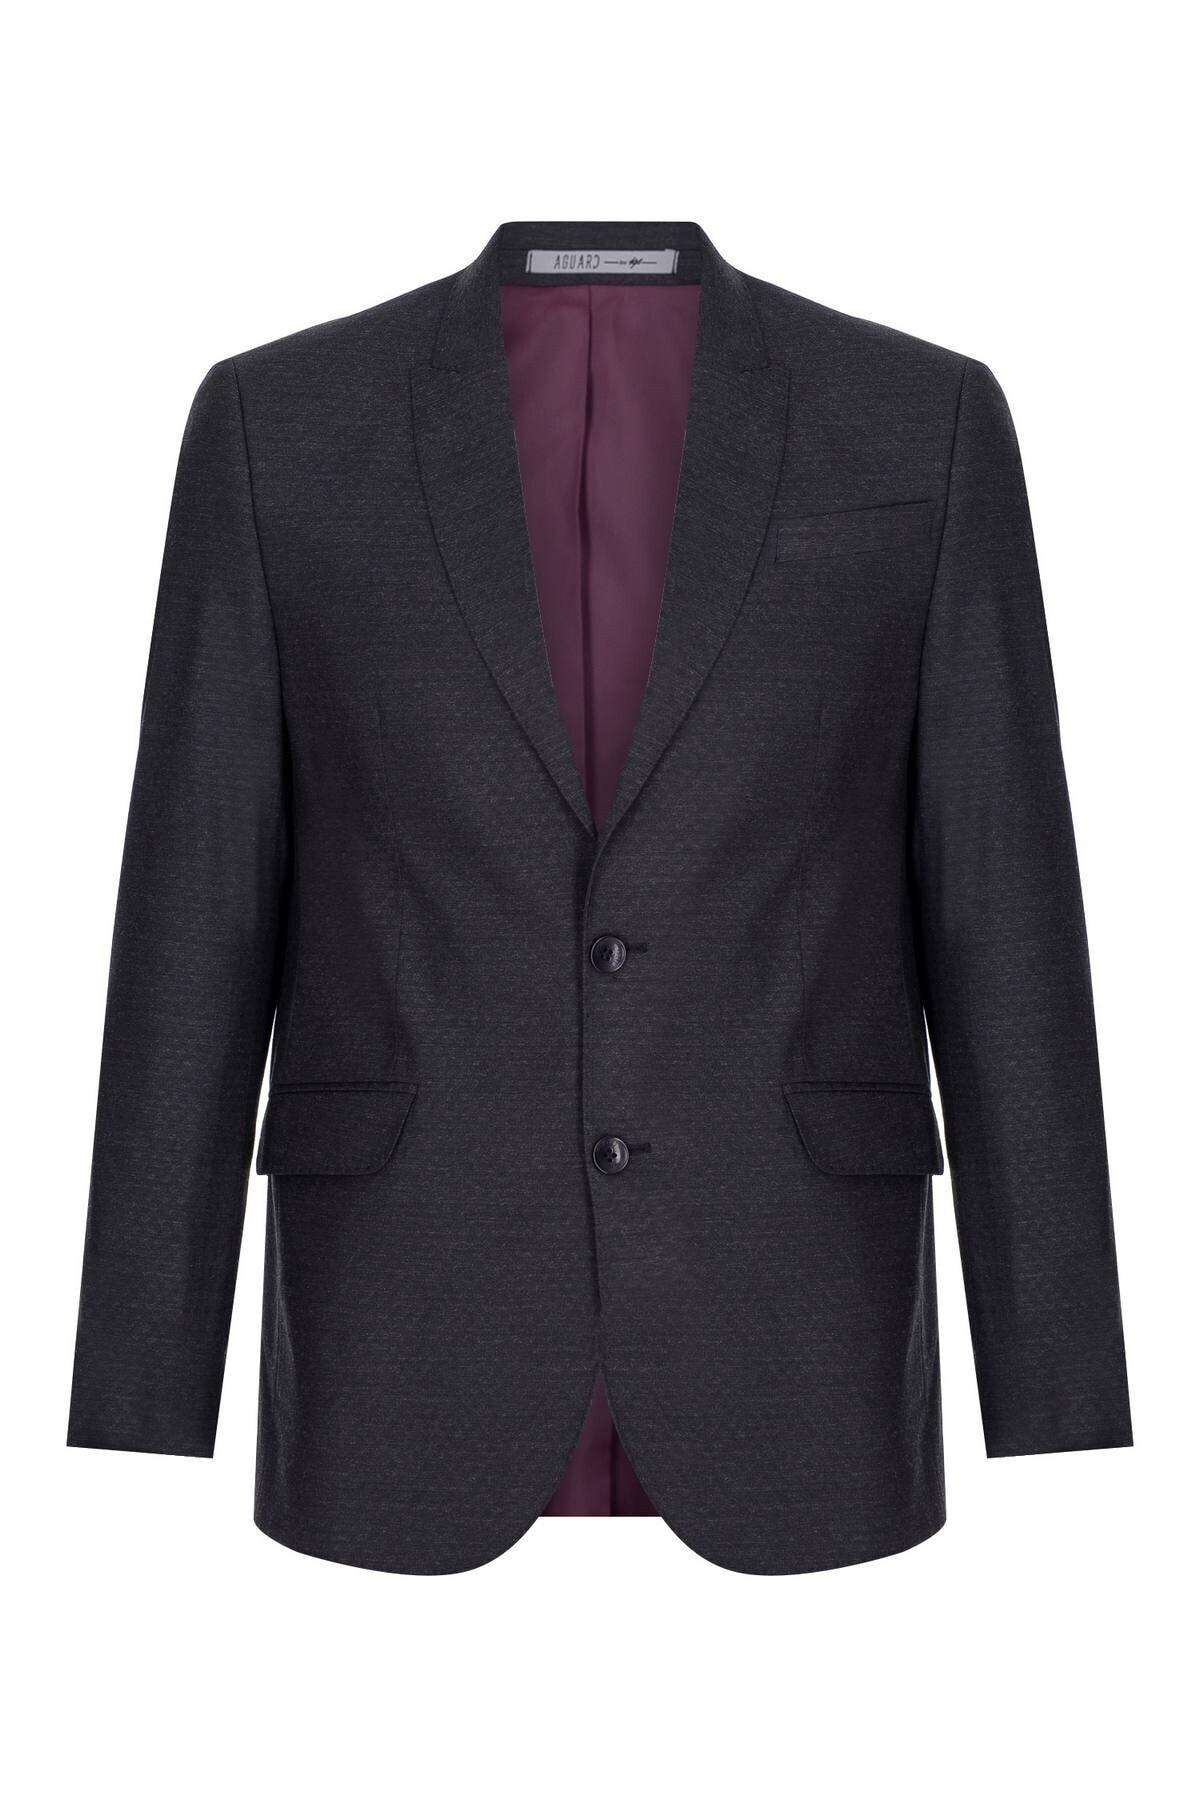 İgs Erkek Lacivert Slım Fıt / Dar Kalıp Ince Kırlangıç Takım Elbise 2